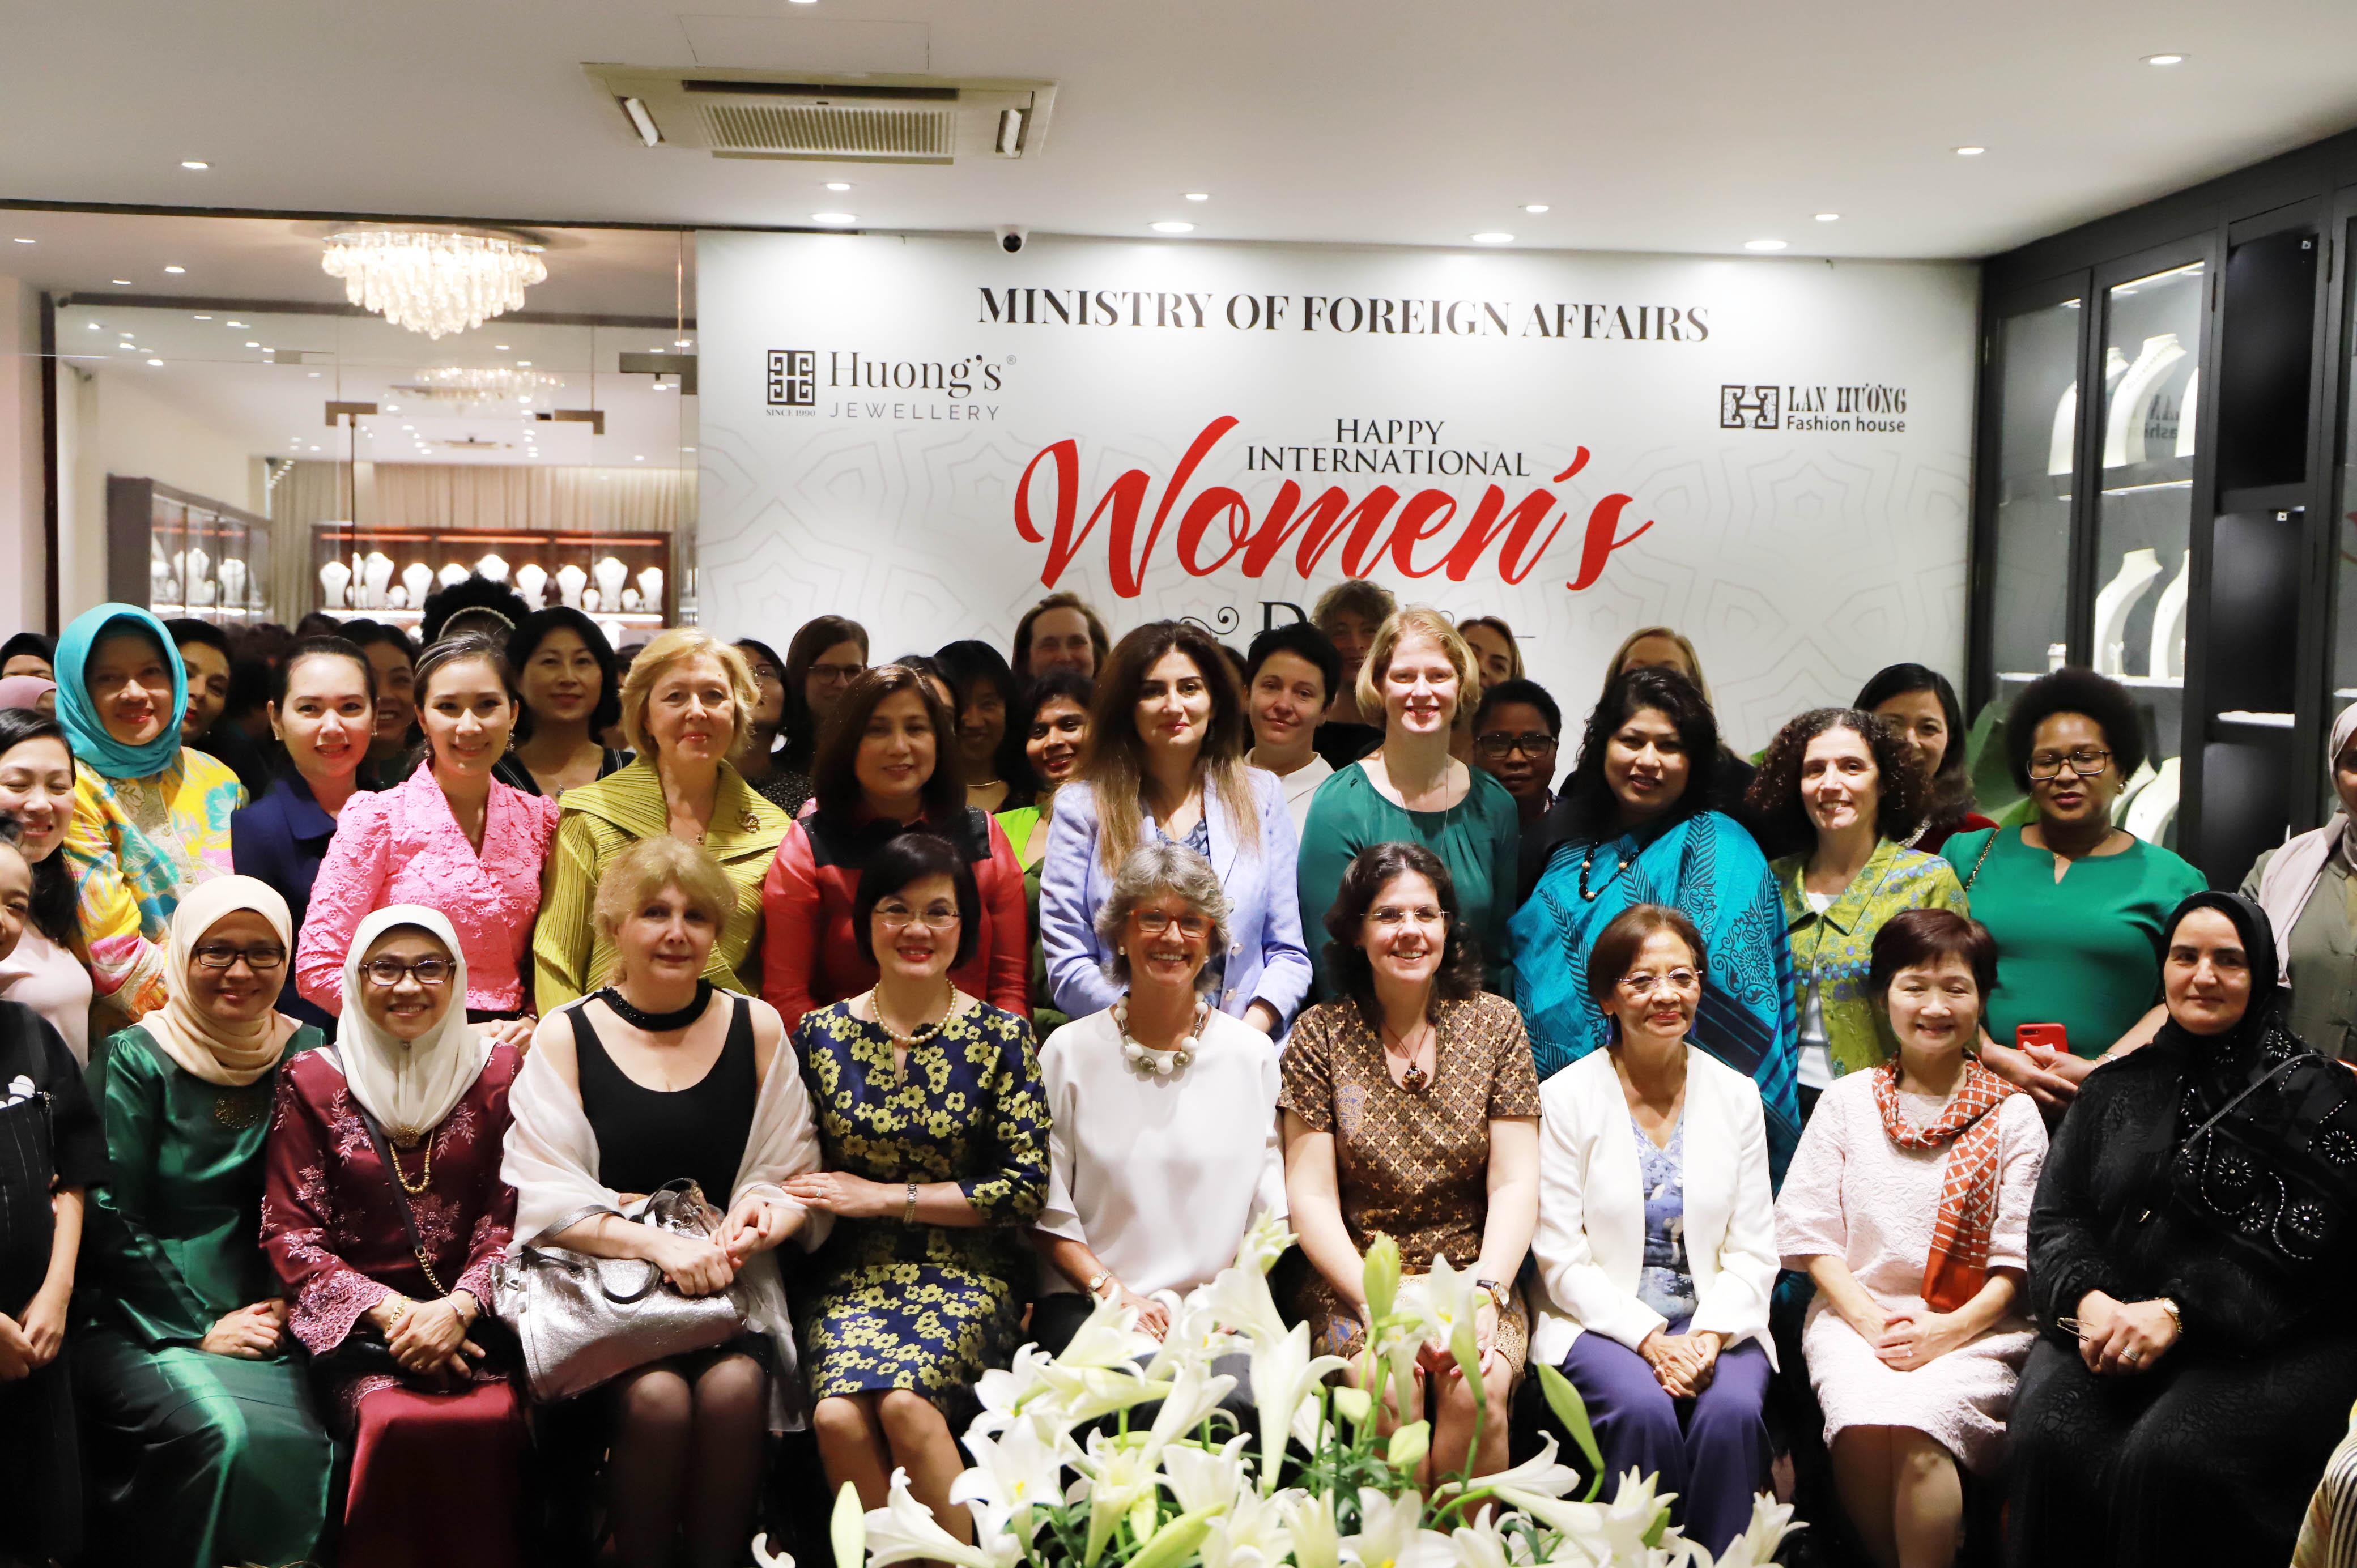 Ngày 29/3, Nhóm Phụ nữ cộng đồng ASEAN tại Hà Nội (AWCH) và Ban nữ công Bộ Ngoại giao đã phối hợp tổ chức buổi gặp mặt nhân dịp Ngày quốc tế phụ nữ, với sự tham gia của đông đảo nữ Đại sứ, Đại biện, Trưởng các Tổ chức quốc tế, các Phu nhân Đại sứ, nữ cán bộ ngoại giao các nước và các tổ chức quốc tế đang làm việc tại Hà Nội, cùng các nữ Đại sứ và lãnh đạo các đơn vị chủ chốt của Bộ Ngoại giao. Đại sứ Nguyễn Nguyệt Nga, Phu nhân Phó Thủ tướng, Bộ trưởng Phạm Bình Minh, Chủ tịch danh dự Nhóm AWCH đã chủ trì buổi gặp mặt.